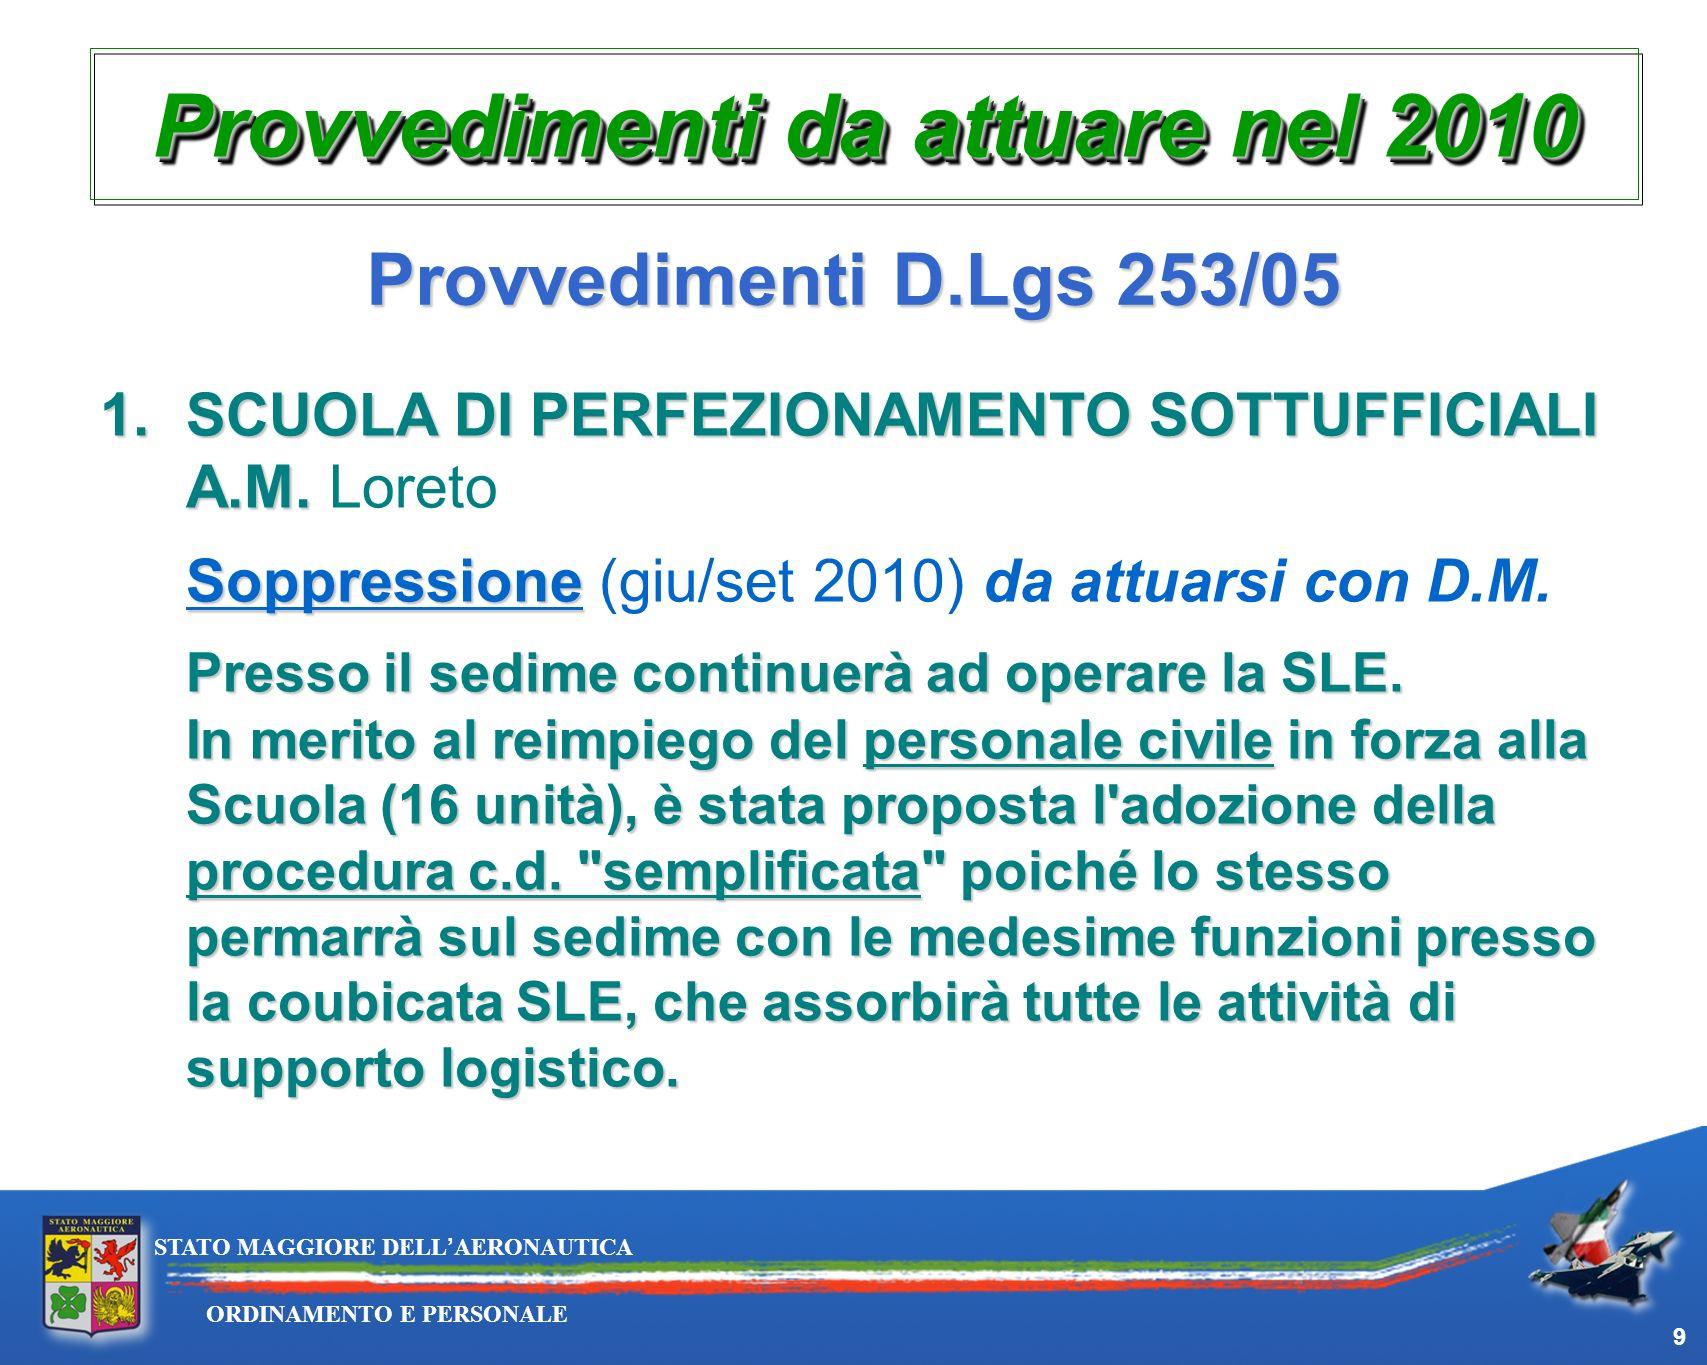 9 ORDINAMENTO E PERSONALE STATO MAGGIORE DELLAERONAUTICA Provvedimenti da attuare nel 2010 Provvedimenti D.Lgs 253/05 1.SCUOLA DI PERFEZIONAMENTO SOTT